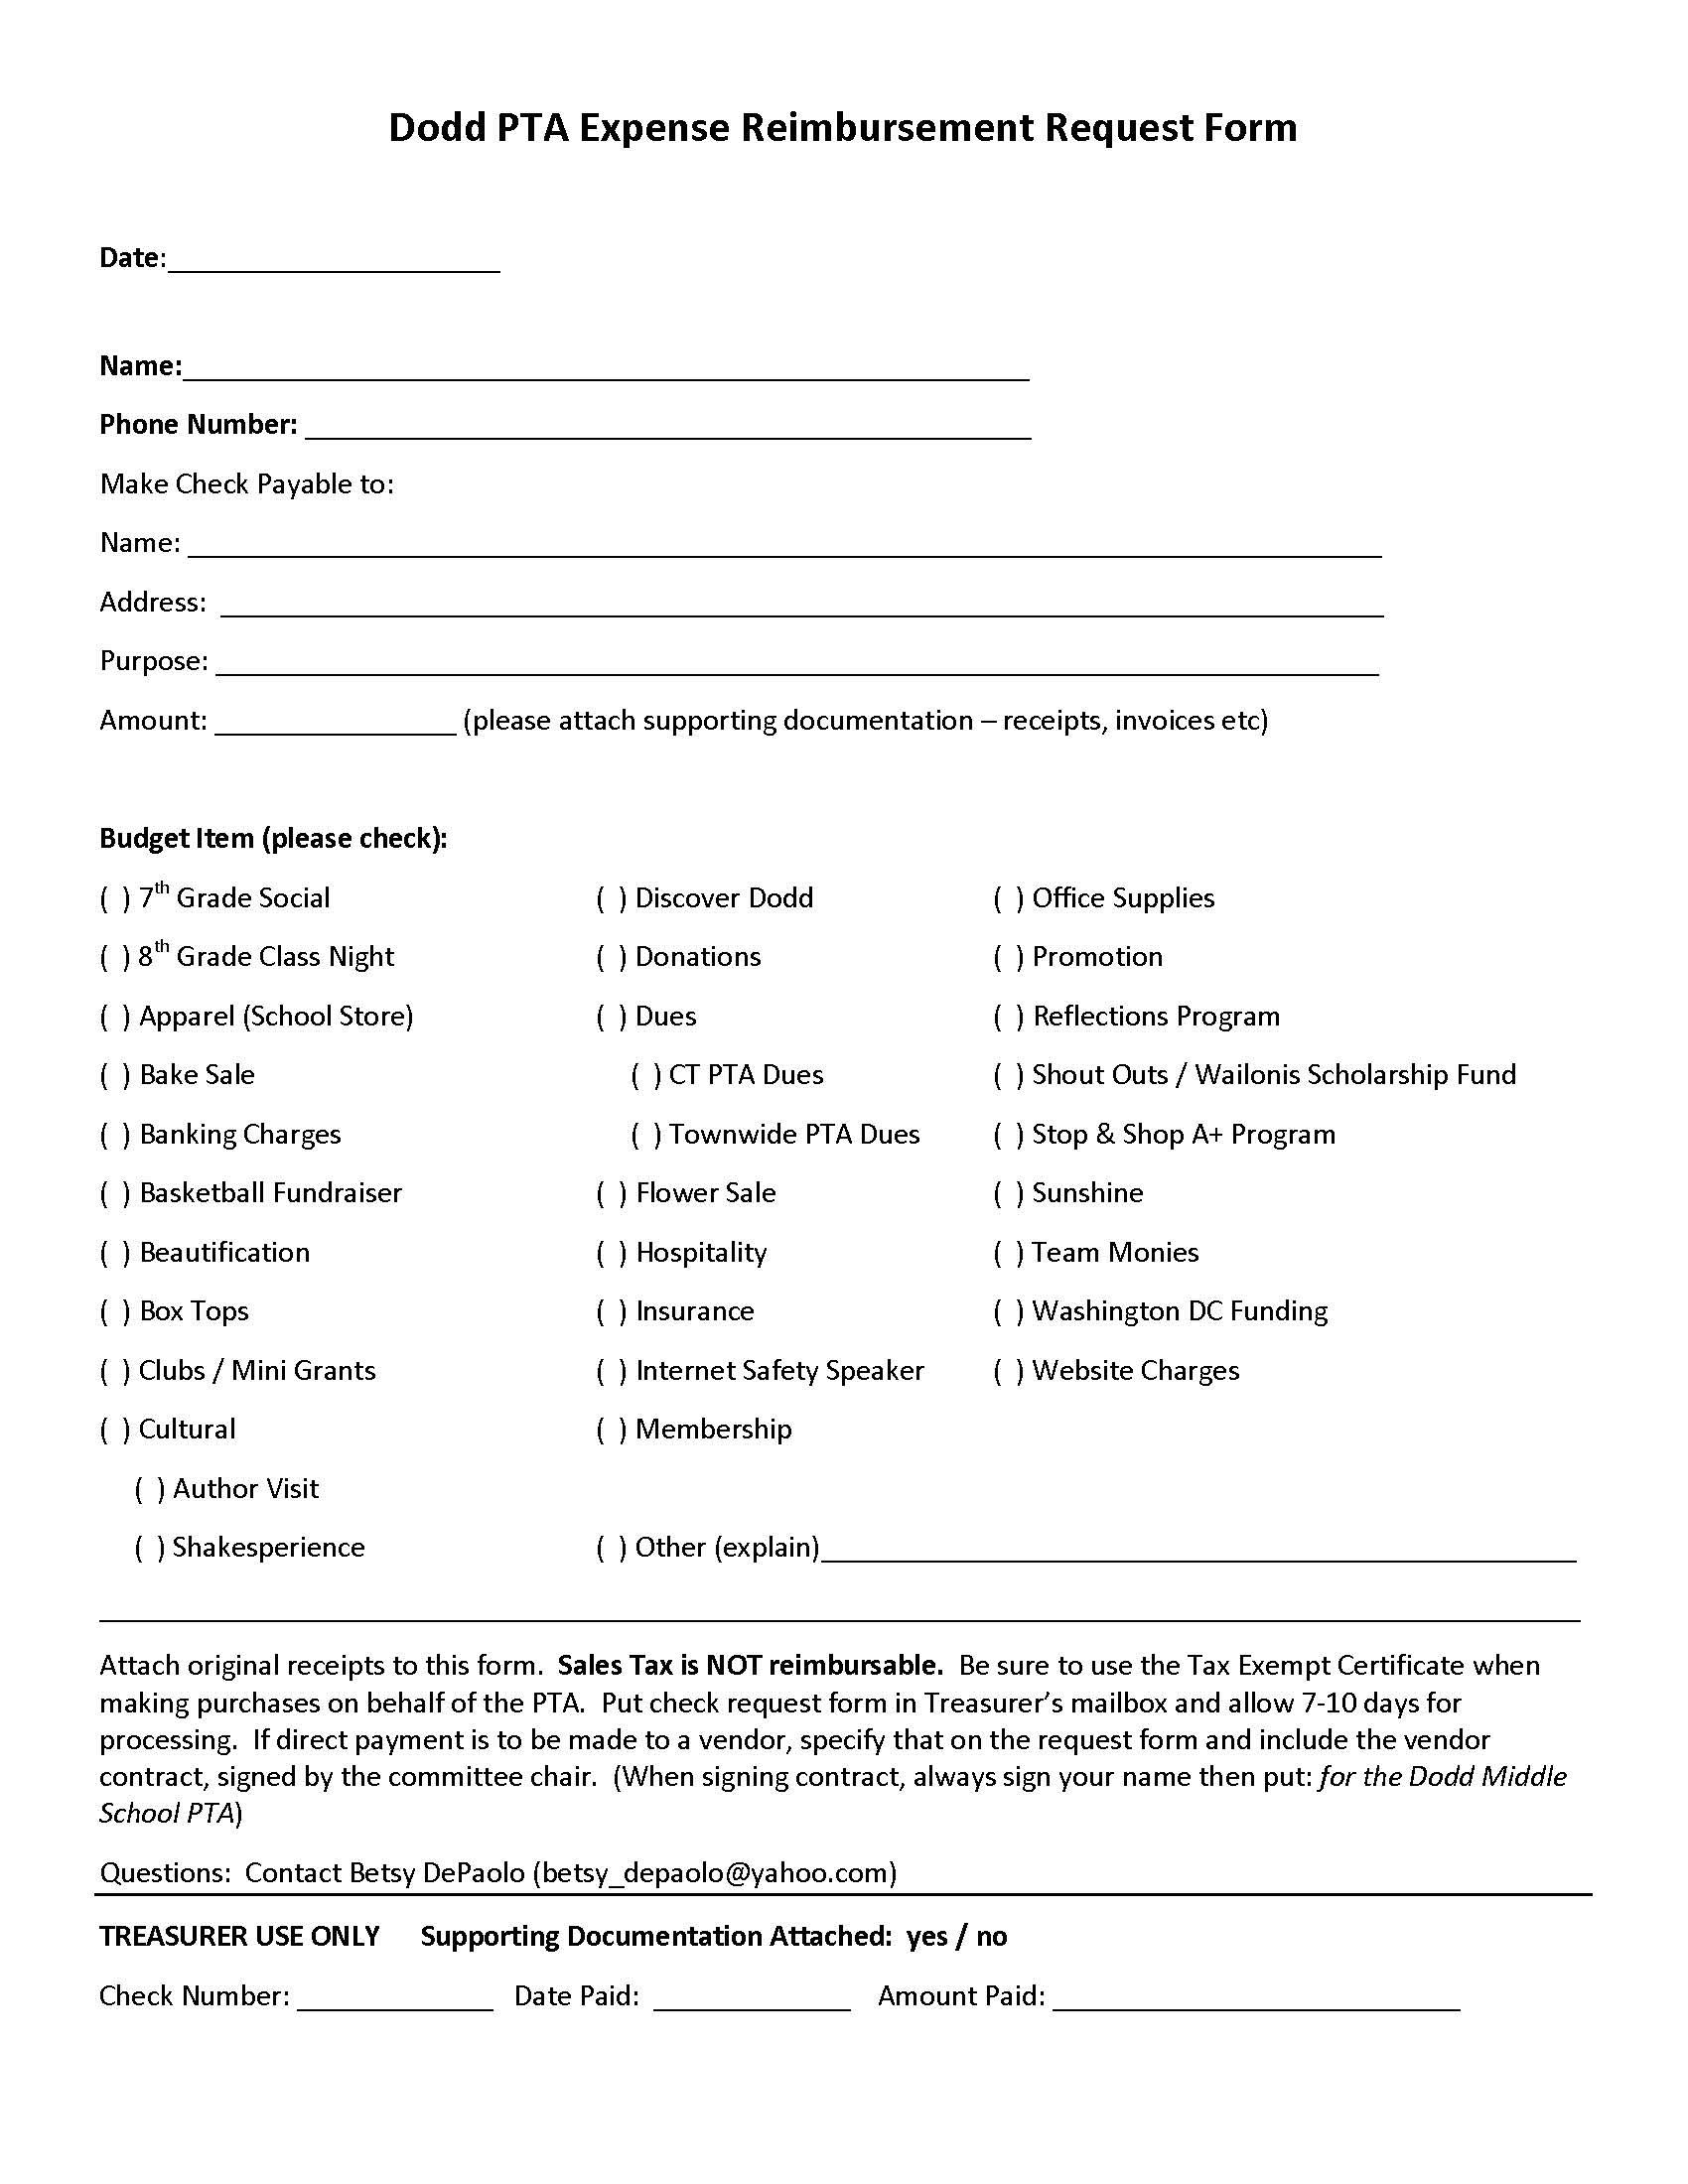 dodd-pta-expense-reimbusement-request-form.jpg